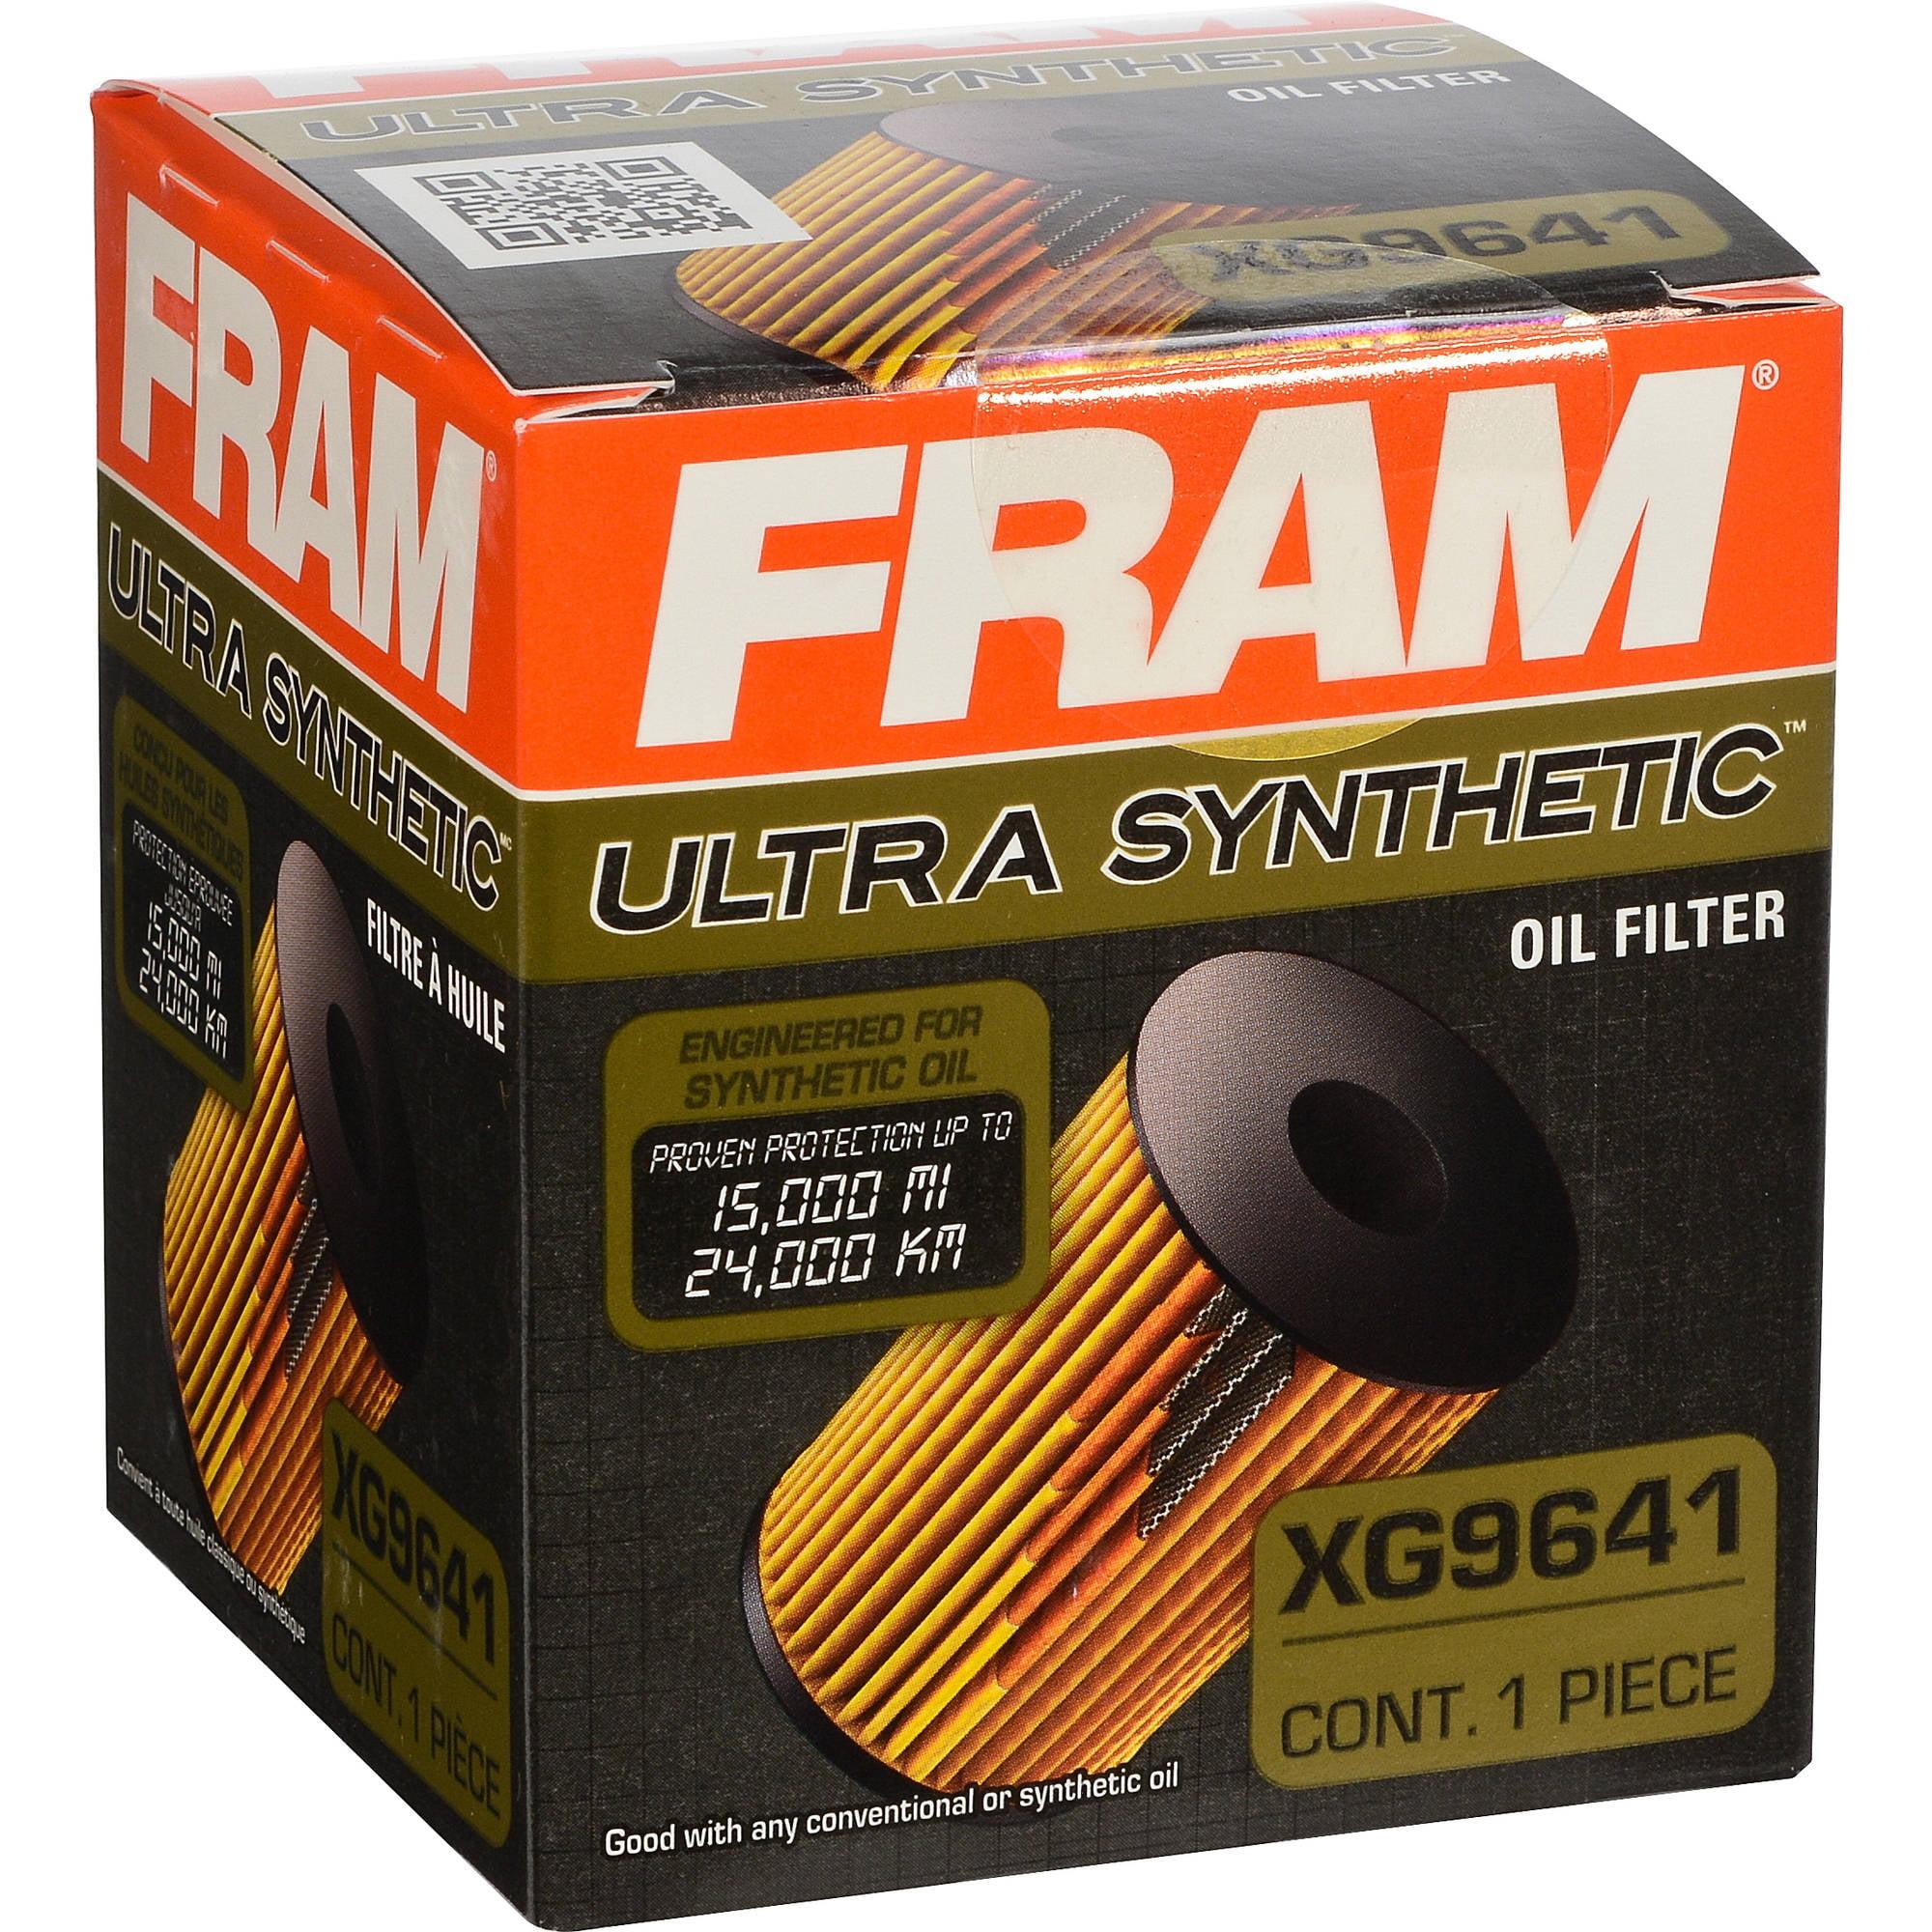 FRAM Ultra Synthetic Oil Filter, XG9641